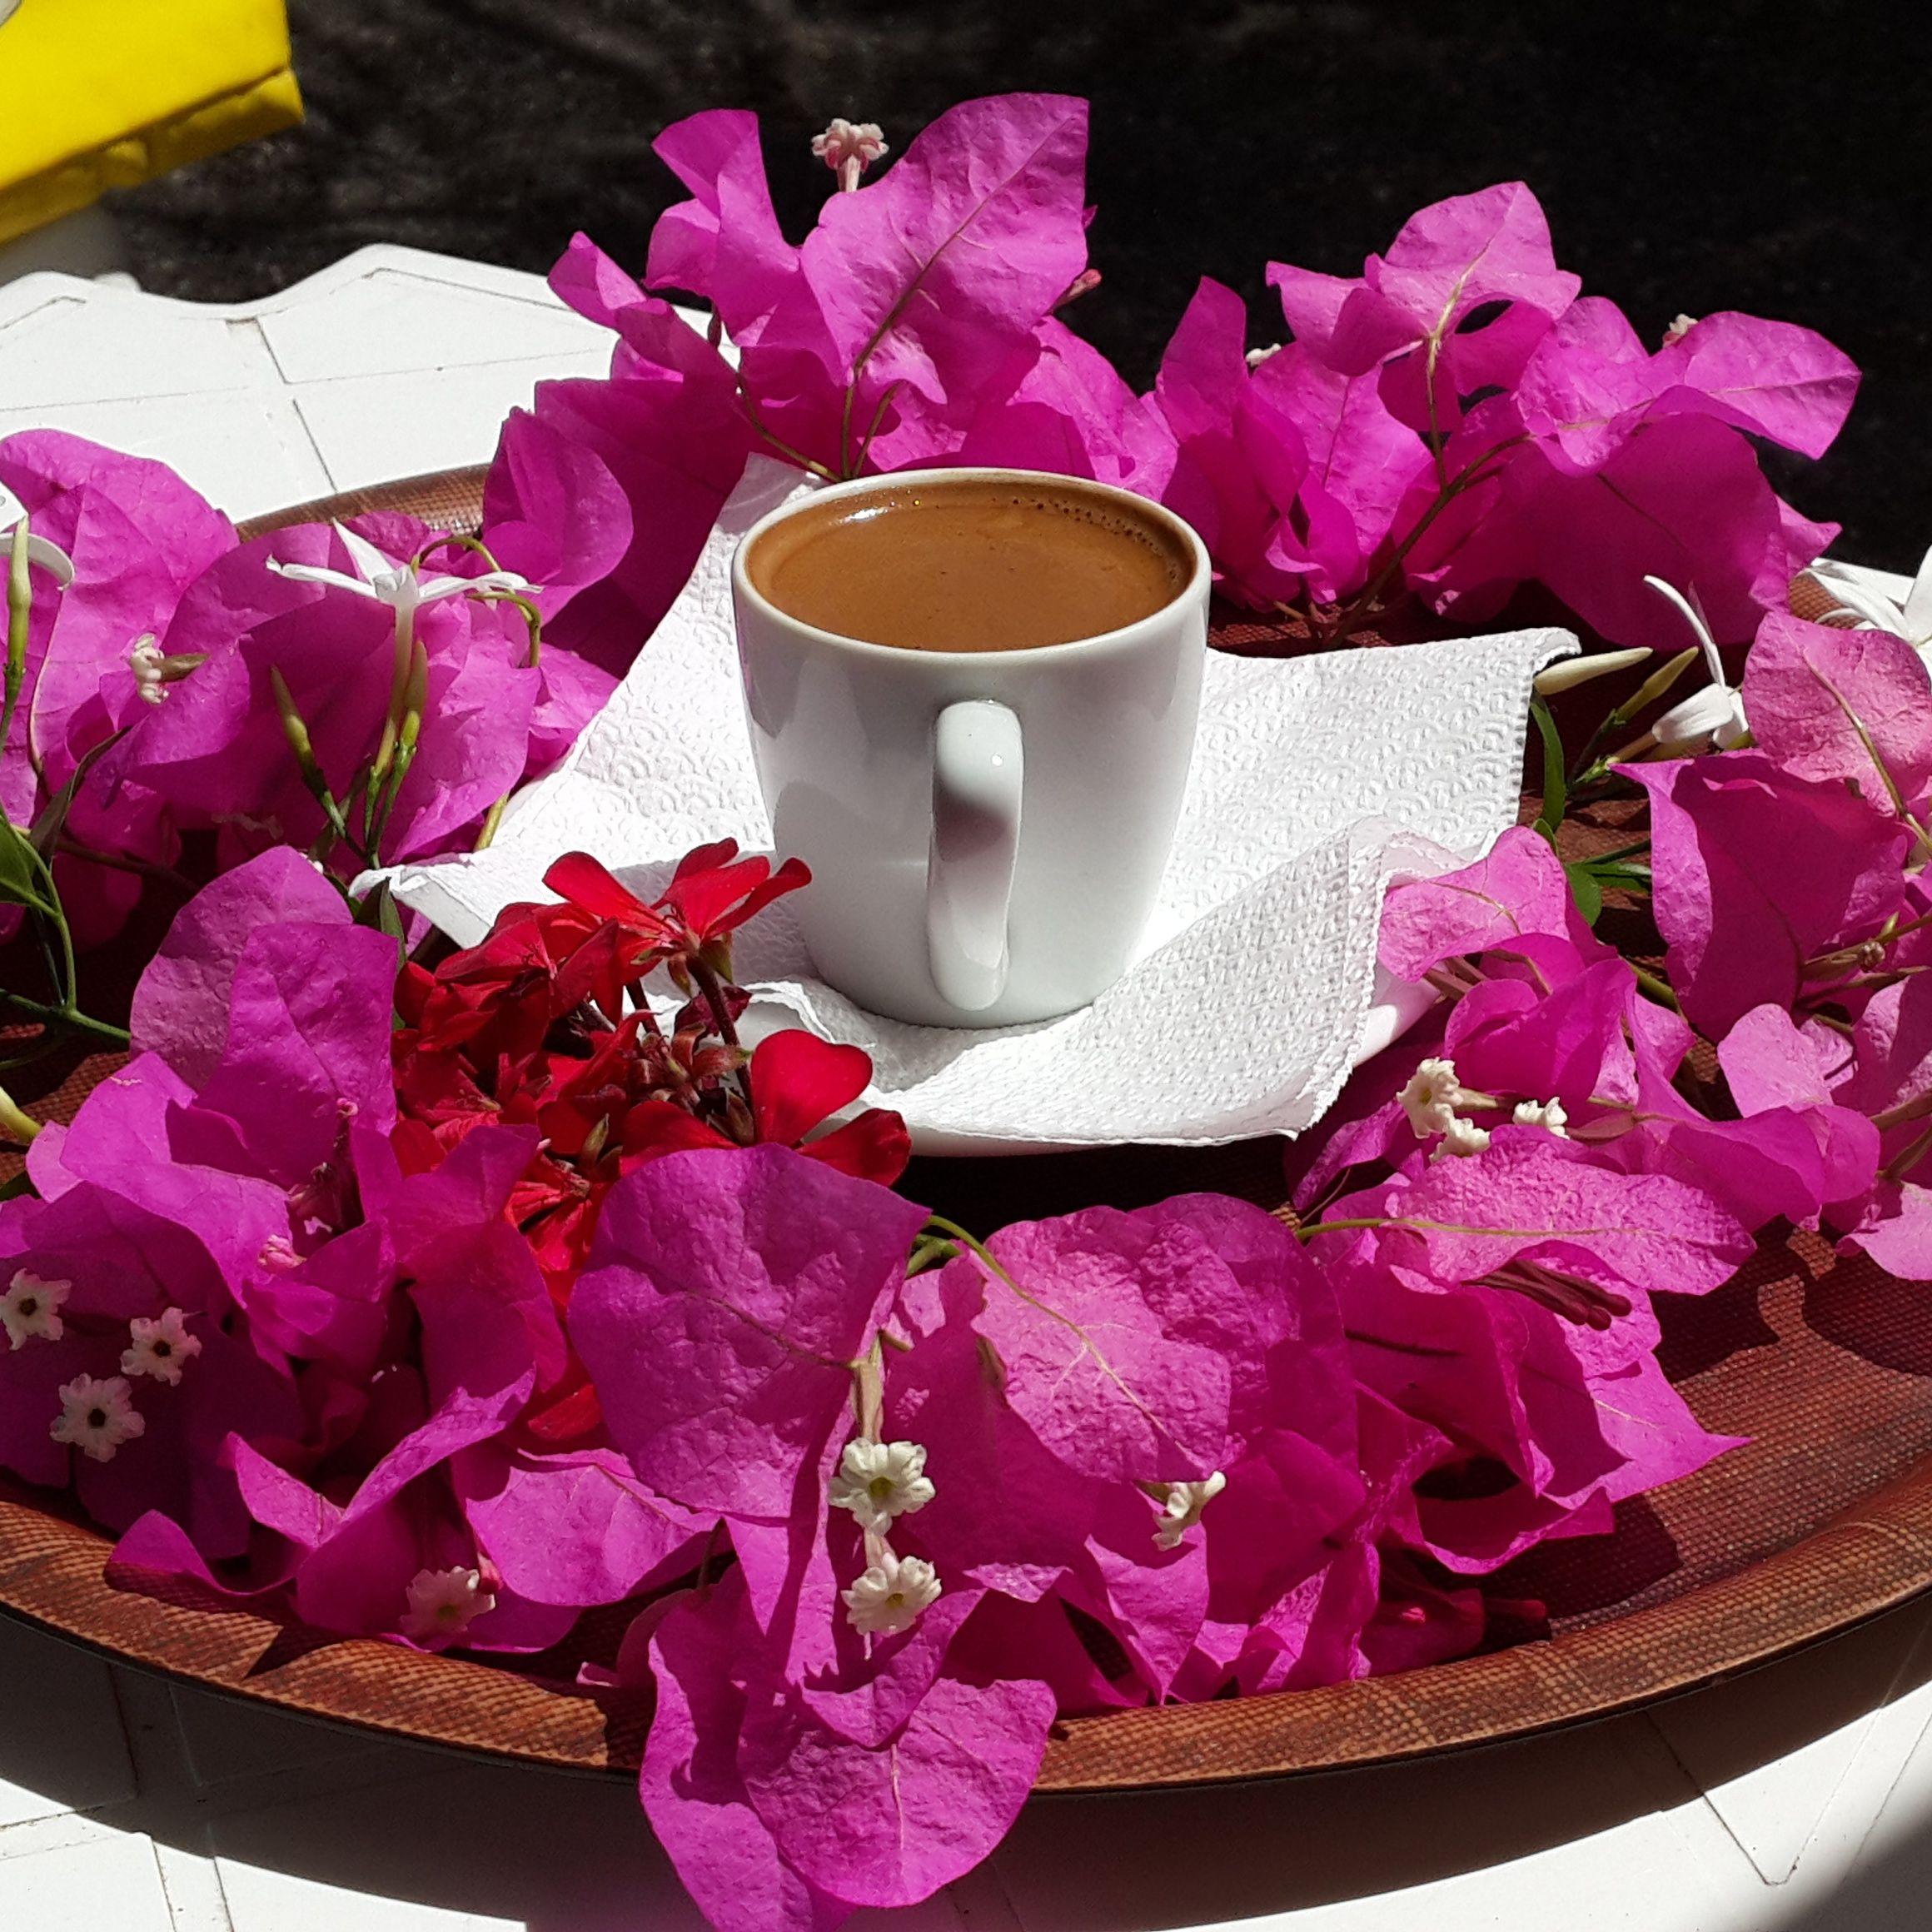 просто красивые фото с добрым утром софия спицами